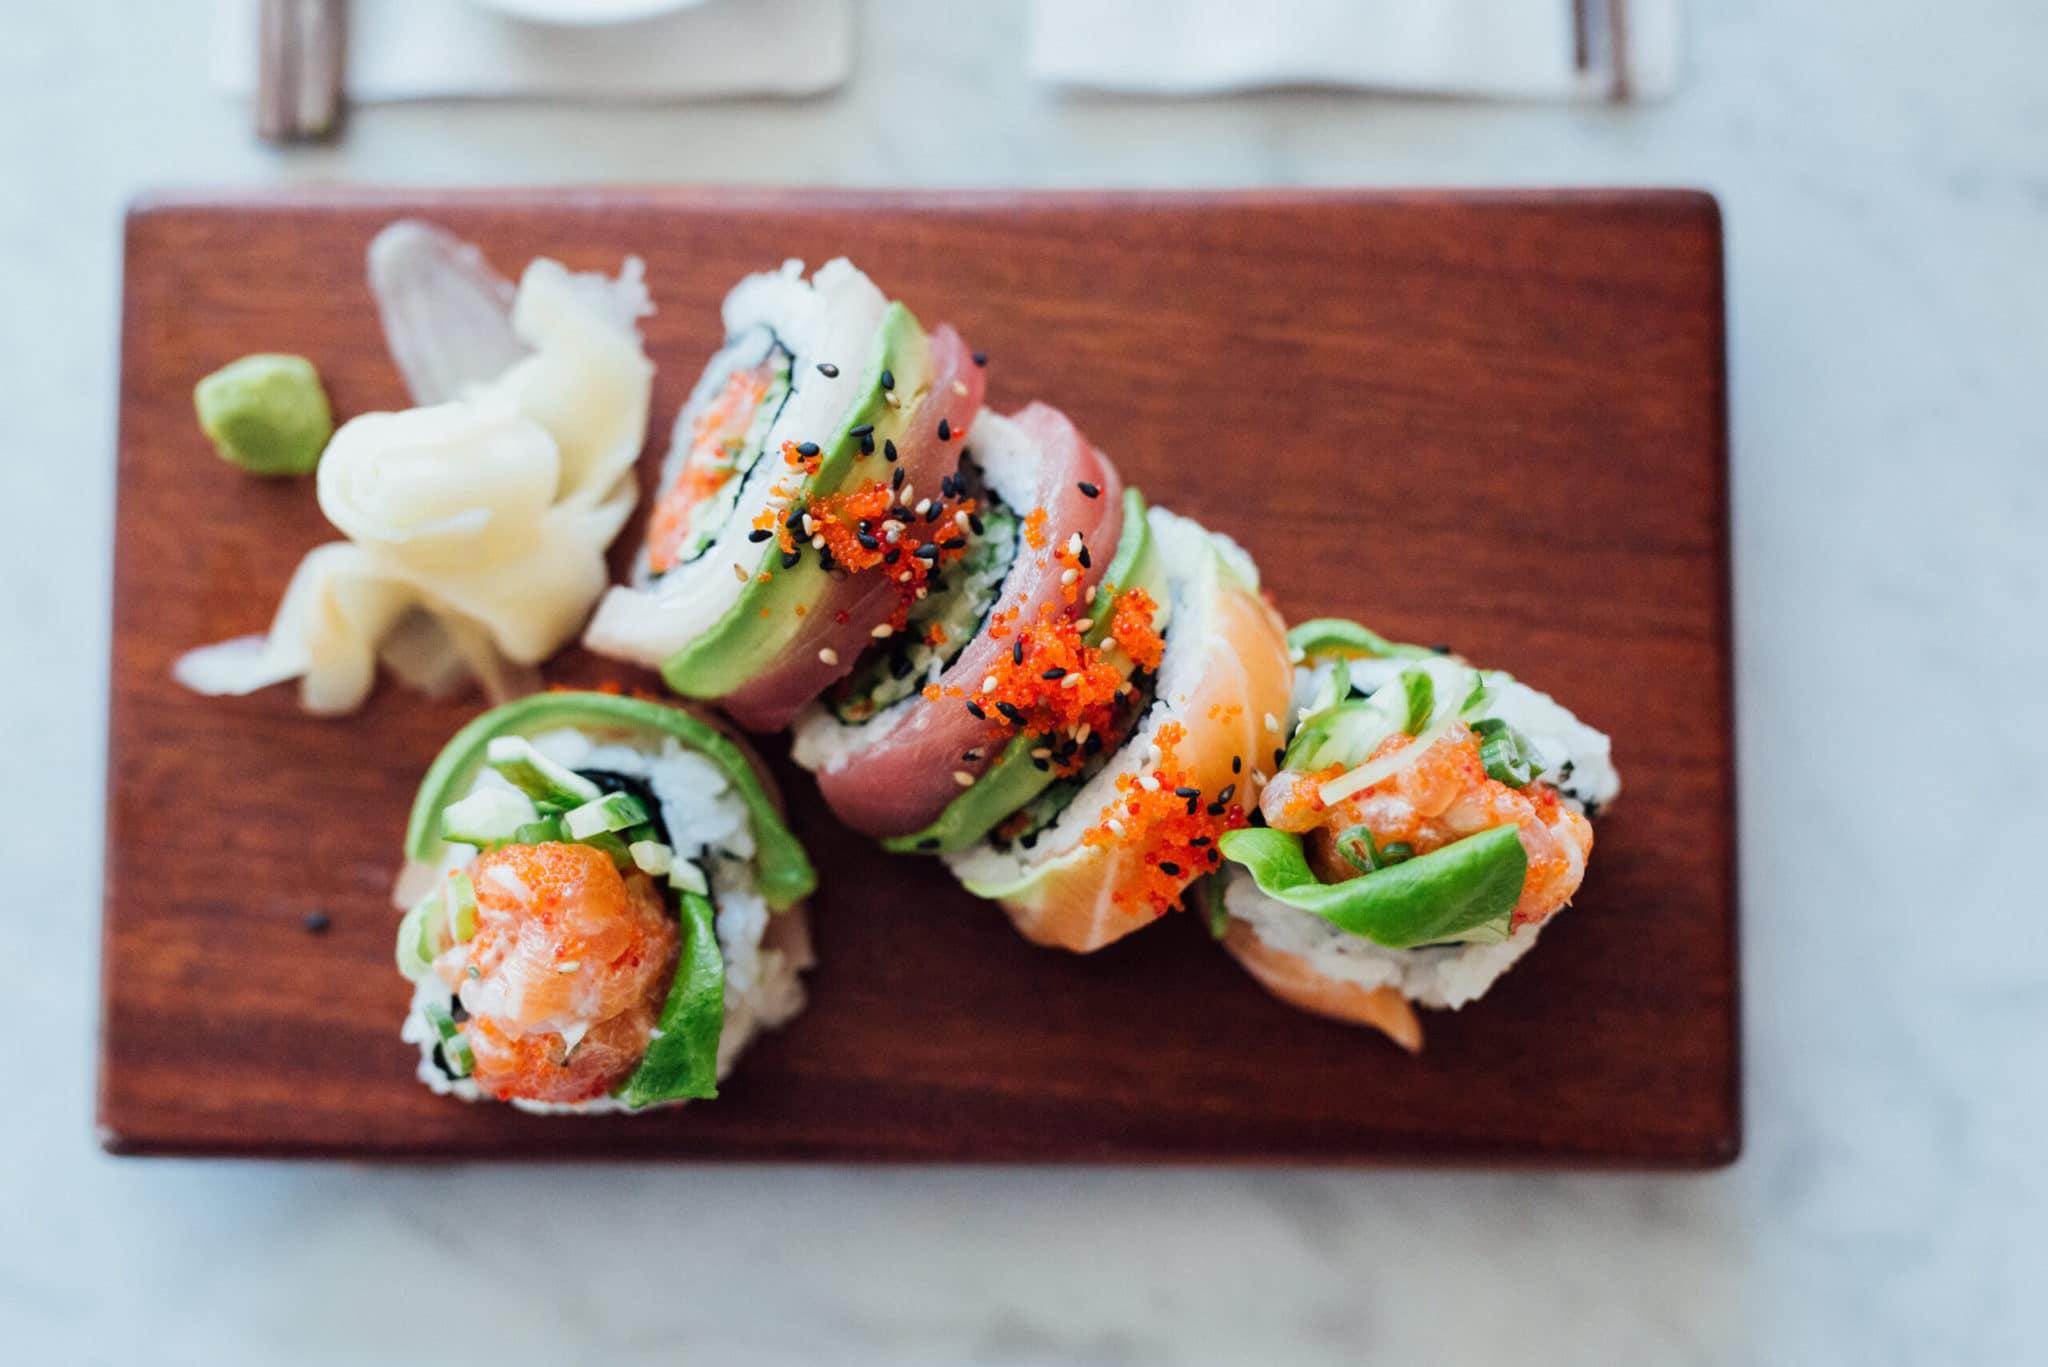 Où commander des sushis à emporter ou en livraison - COVID-9